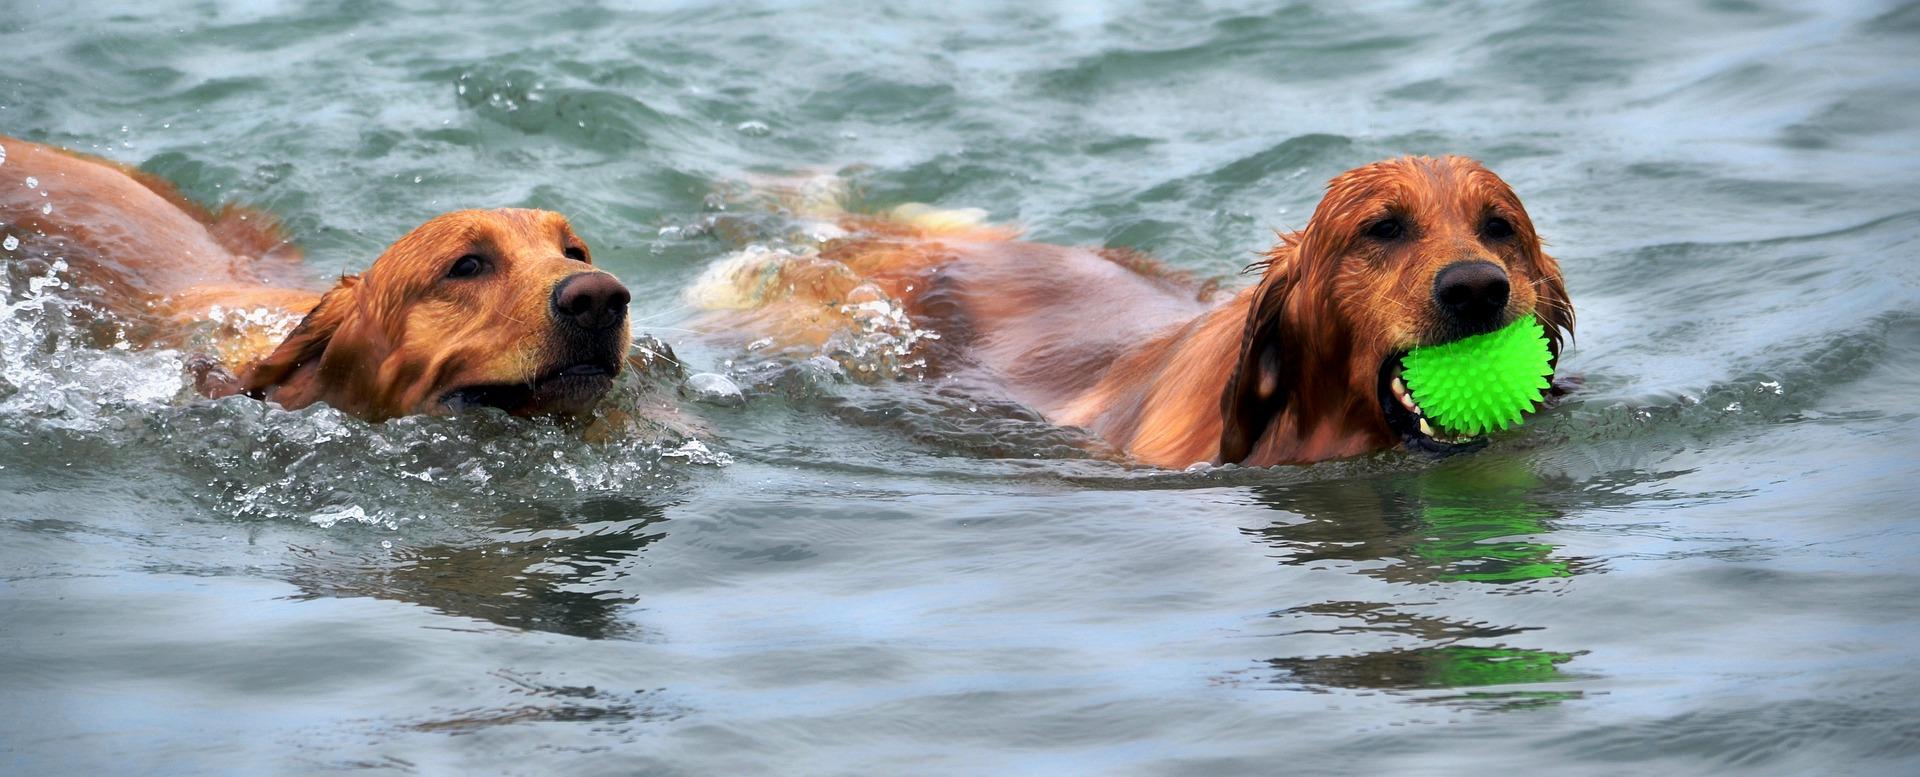 Les bienfaits de la natation chez les aînés